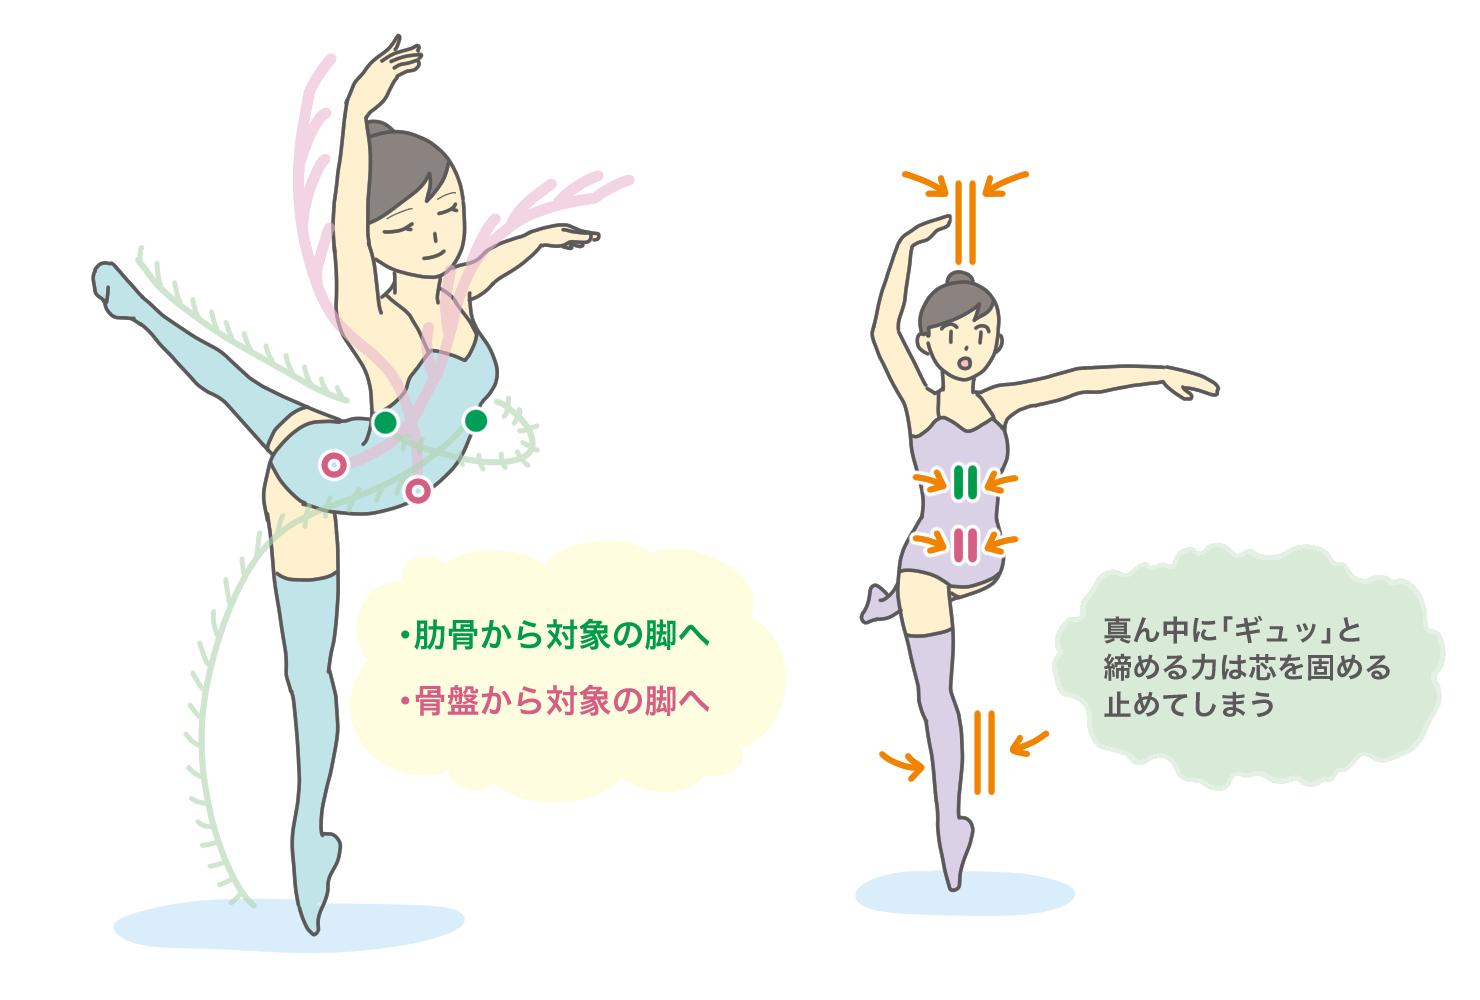 DanceCube46イラスト_004.png